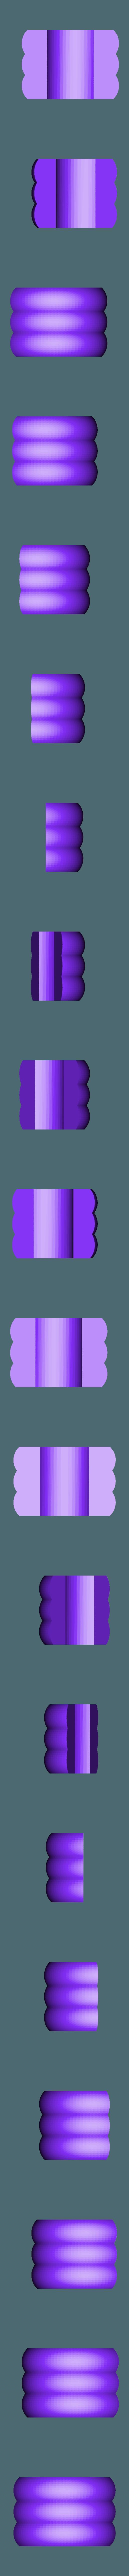 Support_Licorne_-_part_2.STL Download STL file Support de canne Licorne - Unicorn rod holder • 3D print design, ZebOctets